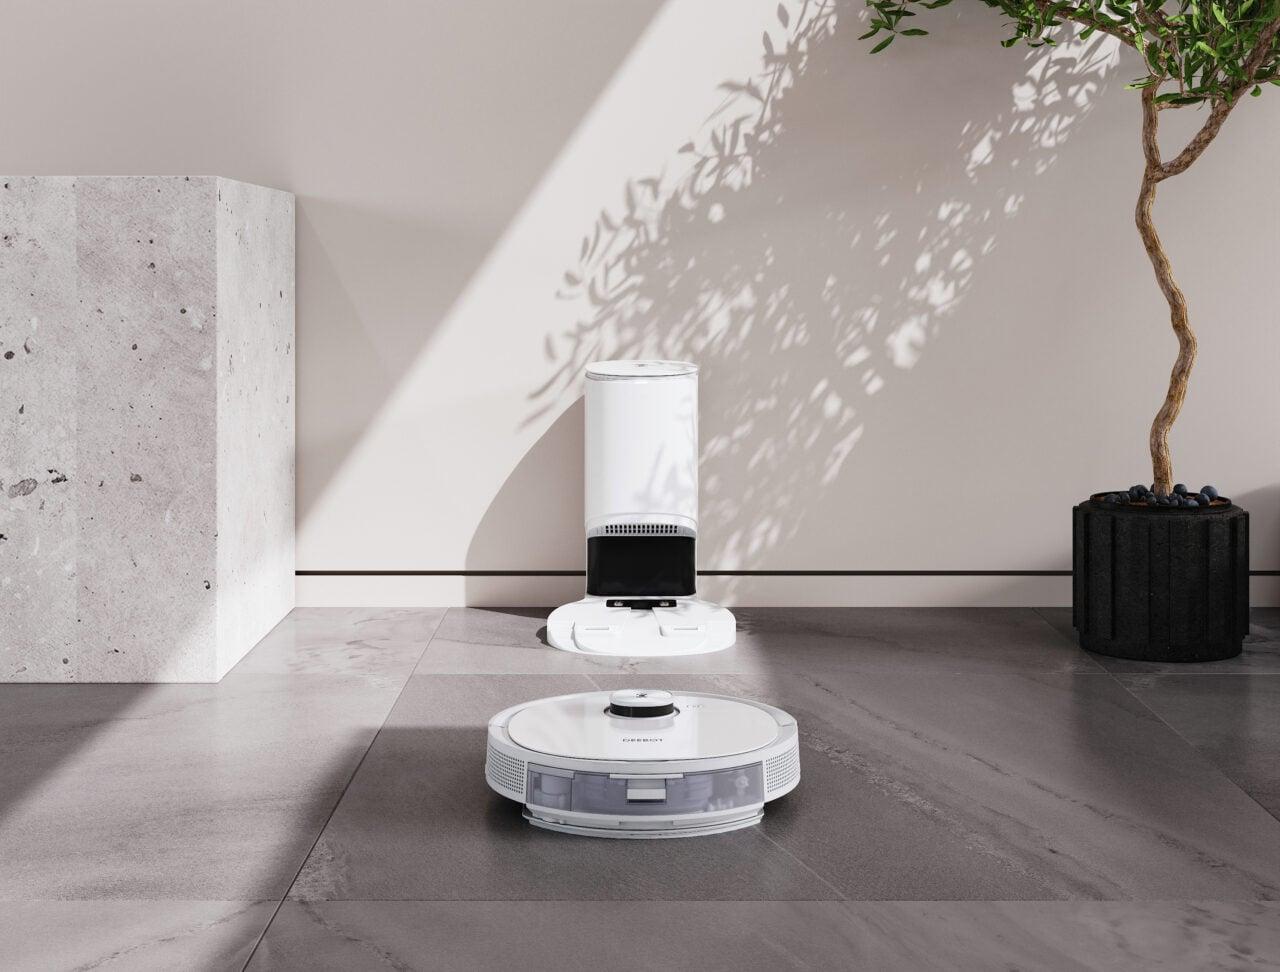 Ecovacs presenta Deebot T9, il nuovo robot lavapavimenti di ultima generazione (foto)